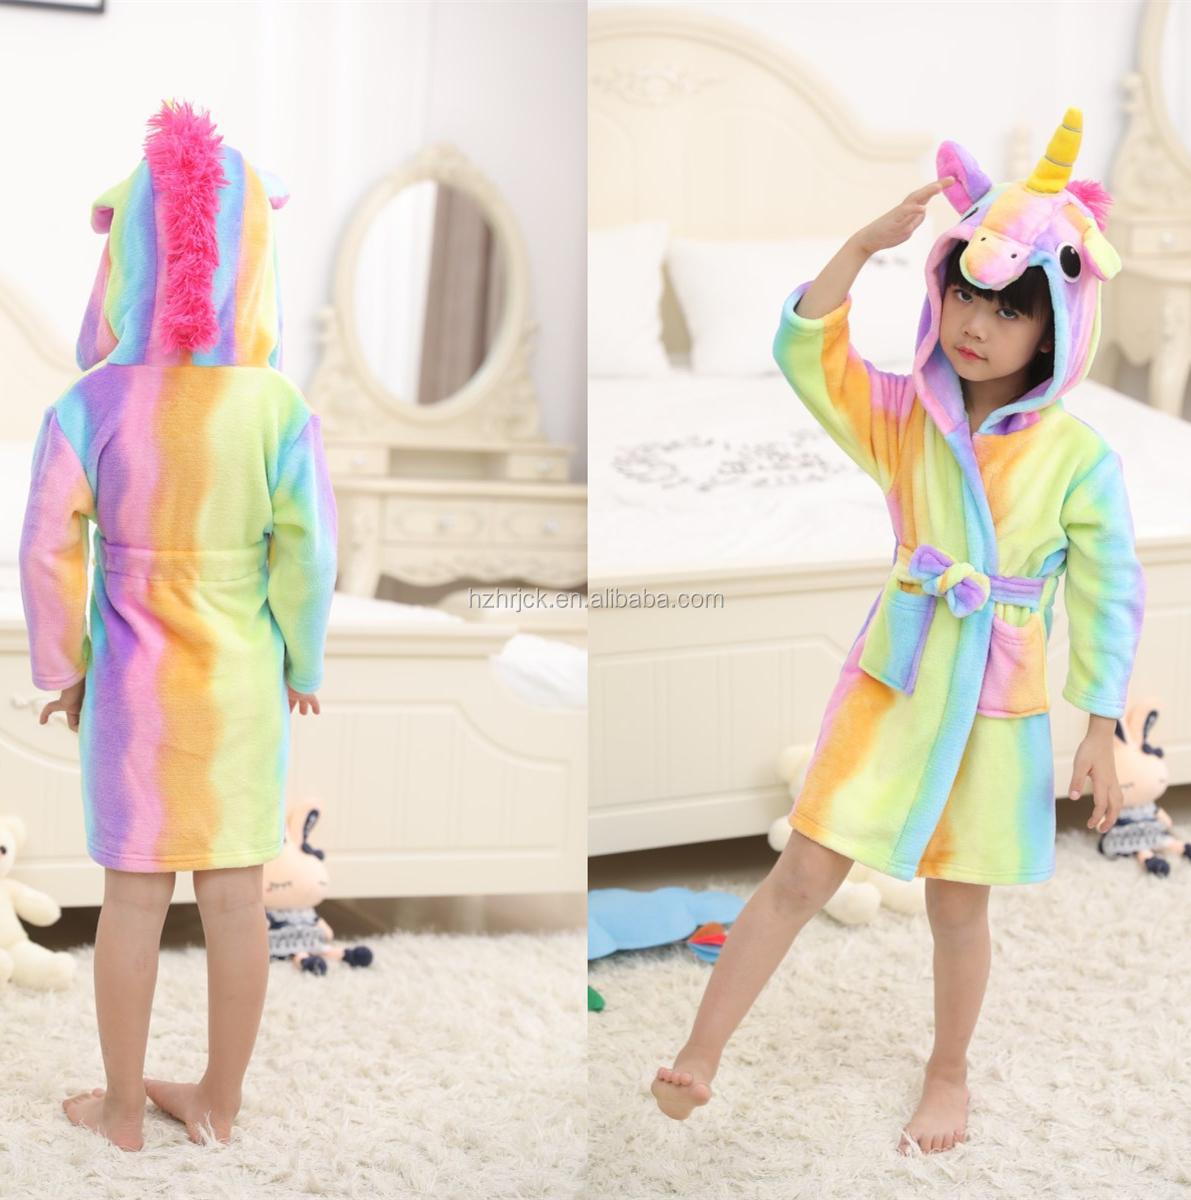 4f632766c318ca Finden Sie Hohe Qualität Regenbogen Bademantel Hersteller und Regenbogen  Bademantel auf Alibaba.com